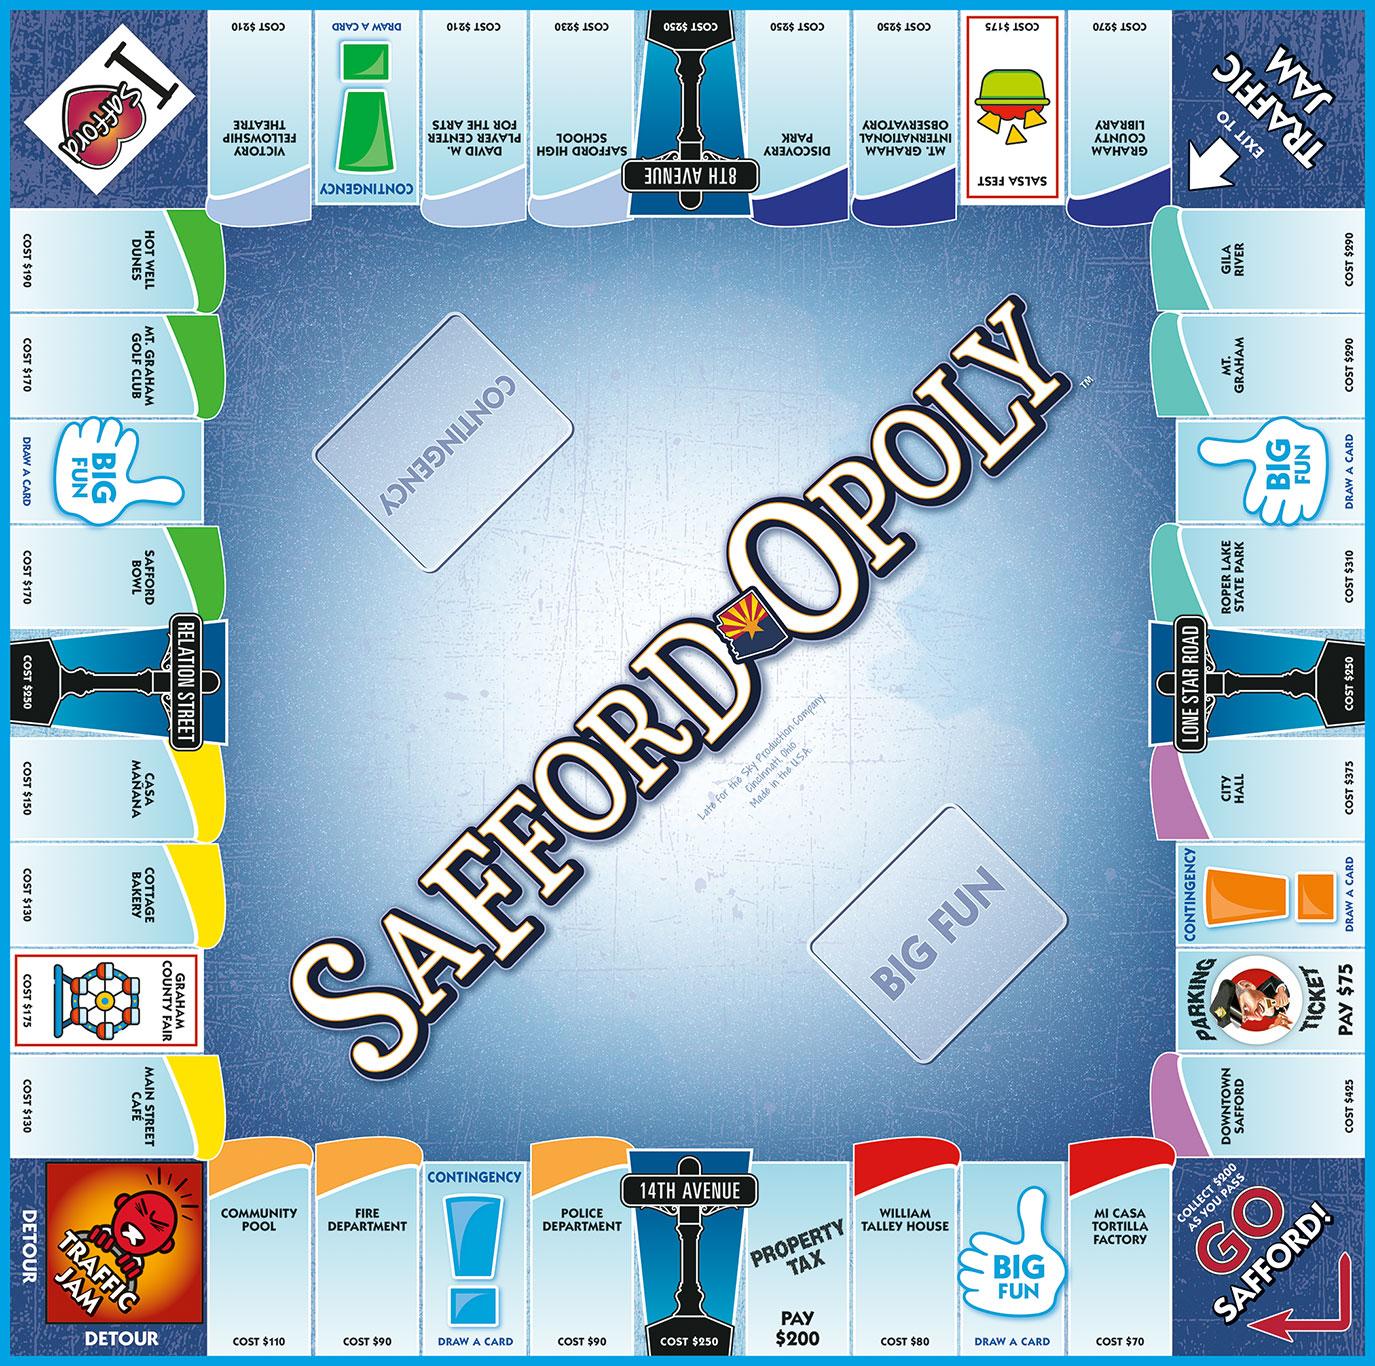 SAFFORD-OPOLY Board Game